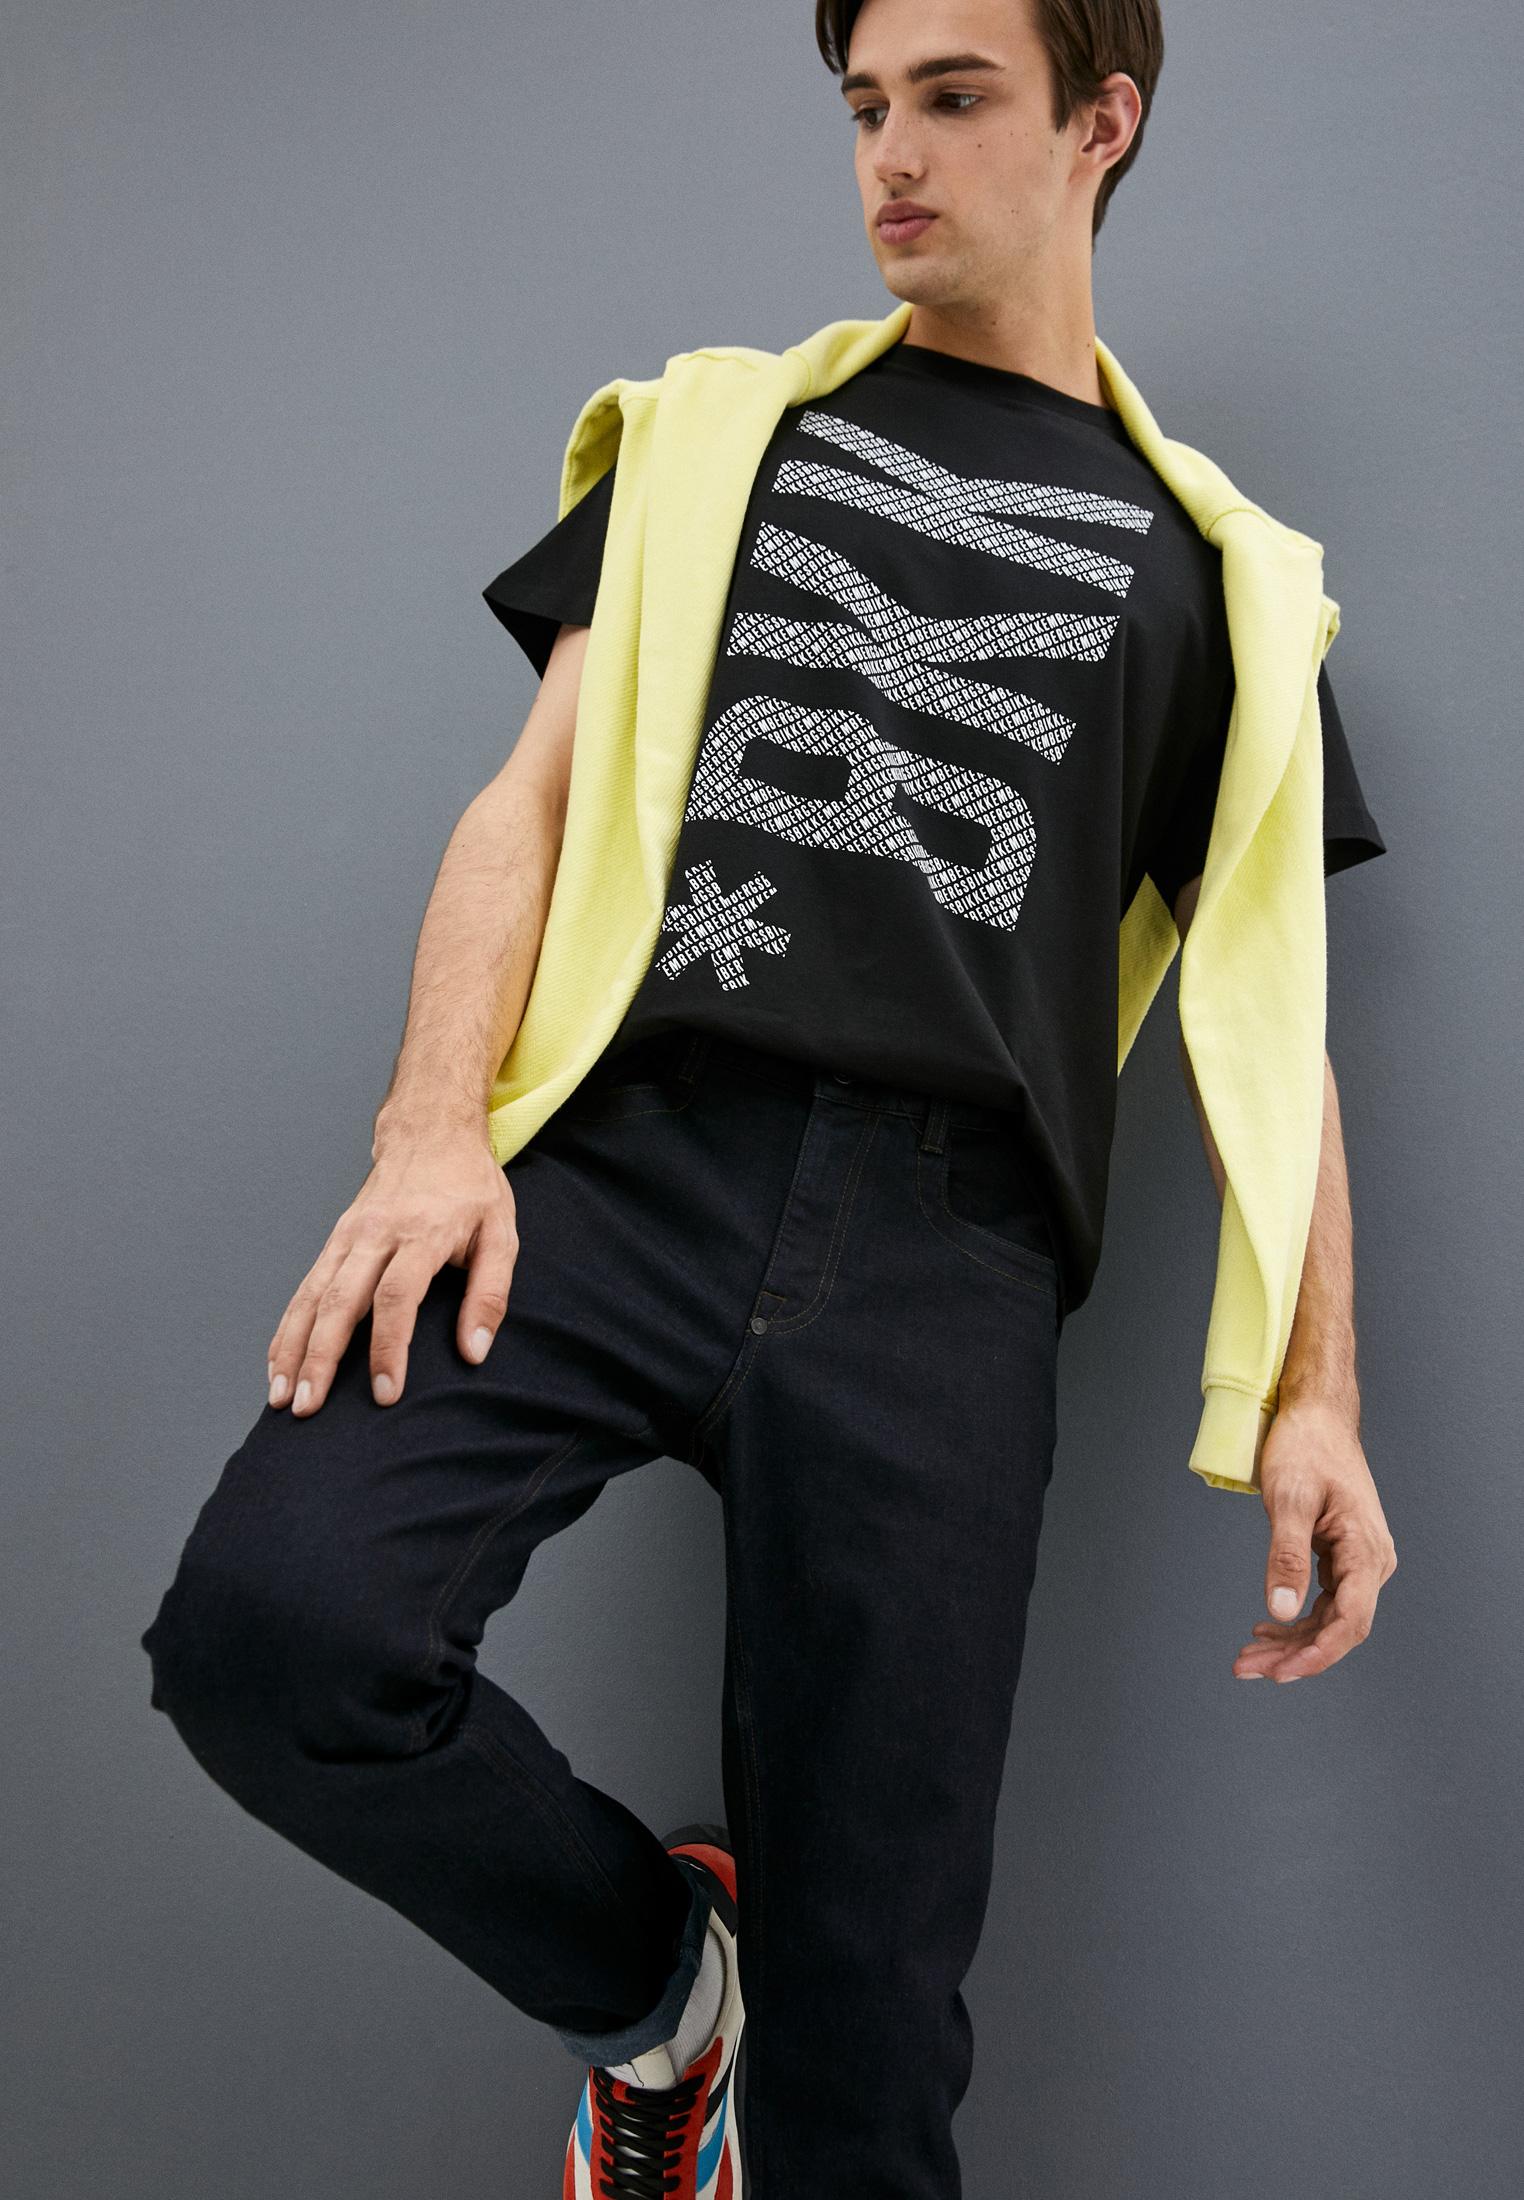 Мужские прямые джинсы Bikkembergs (Биккембергс) C Q 101 01 S 3333: изображение 7